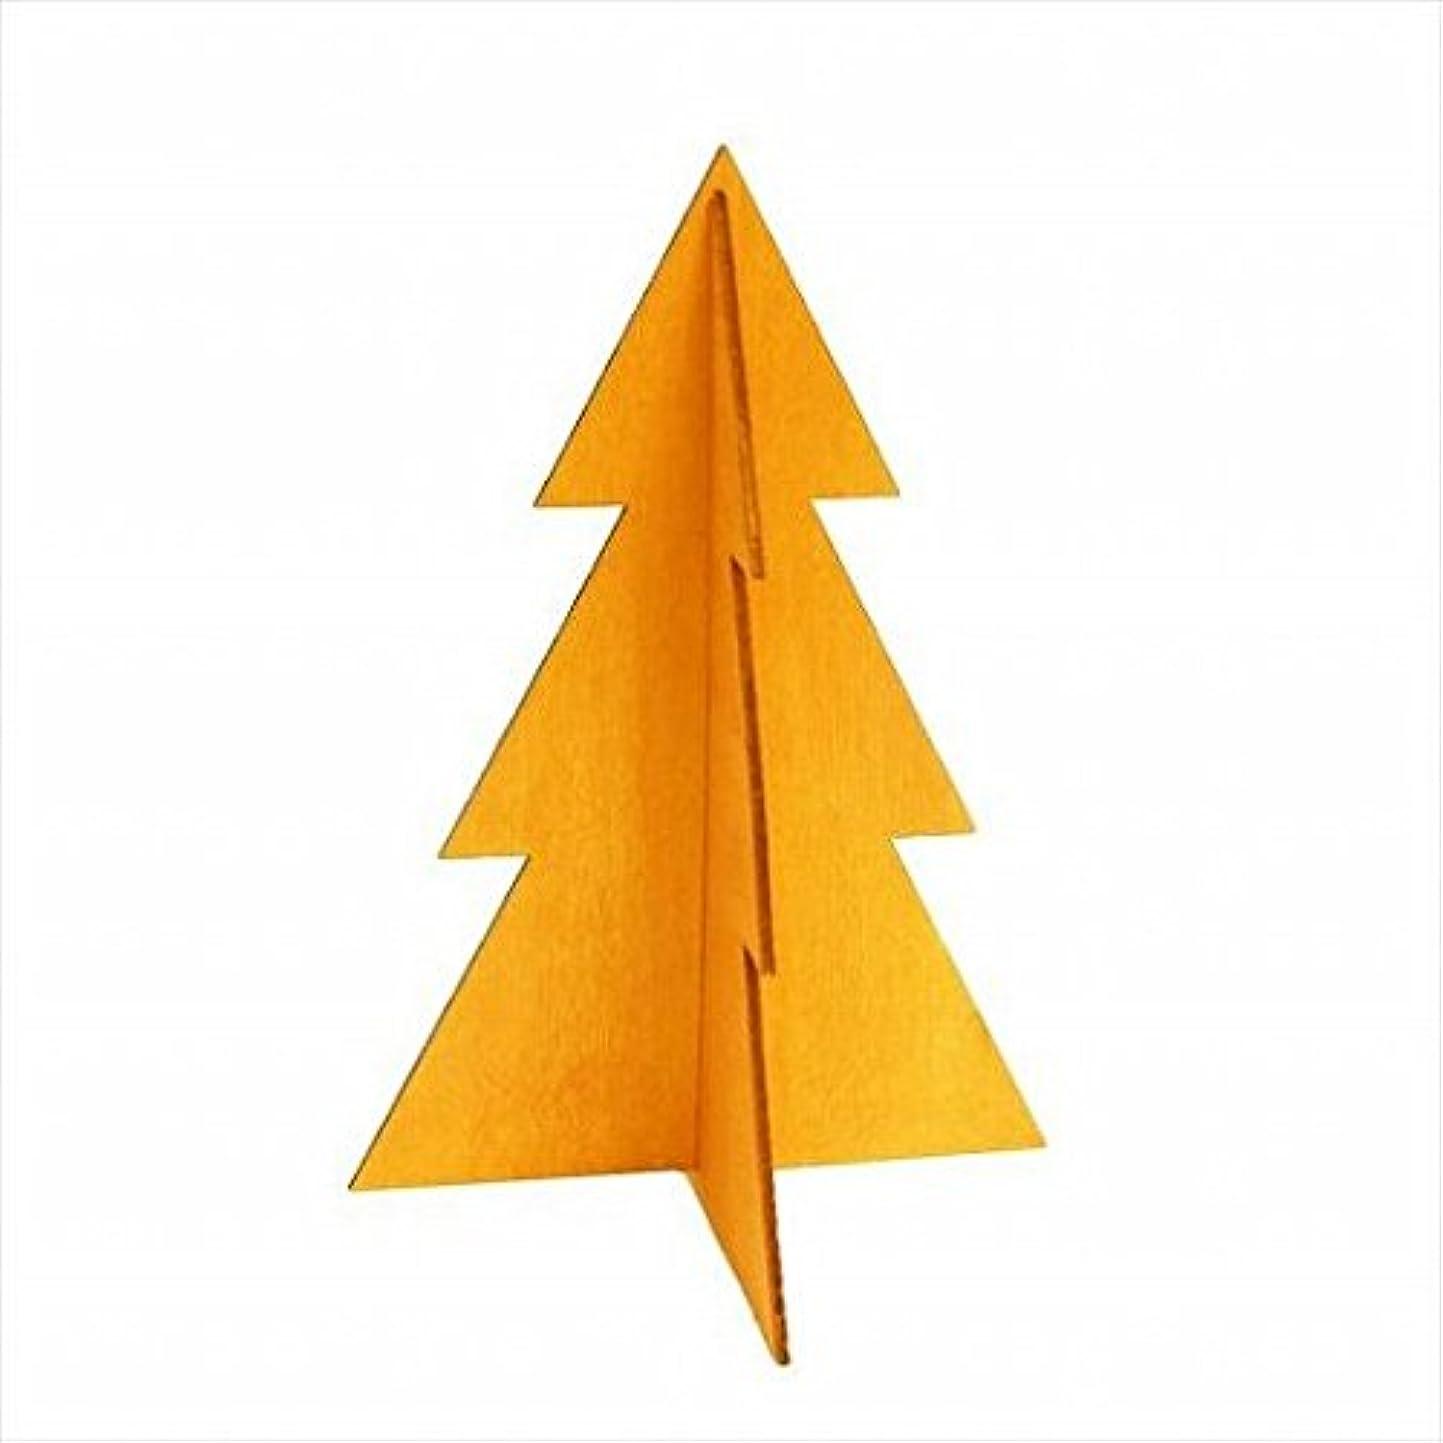 抜粋報復する統治可能kameyama candle(カメヤマキャンドル) フェスティブツリーM 「 オレンジ 」 キャンドル 144x144x210mm (I882243009)